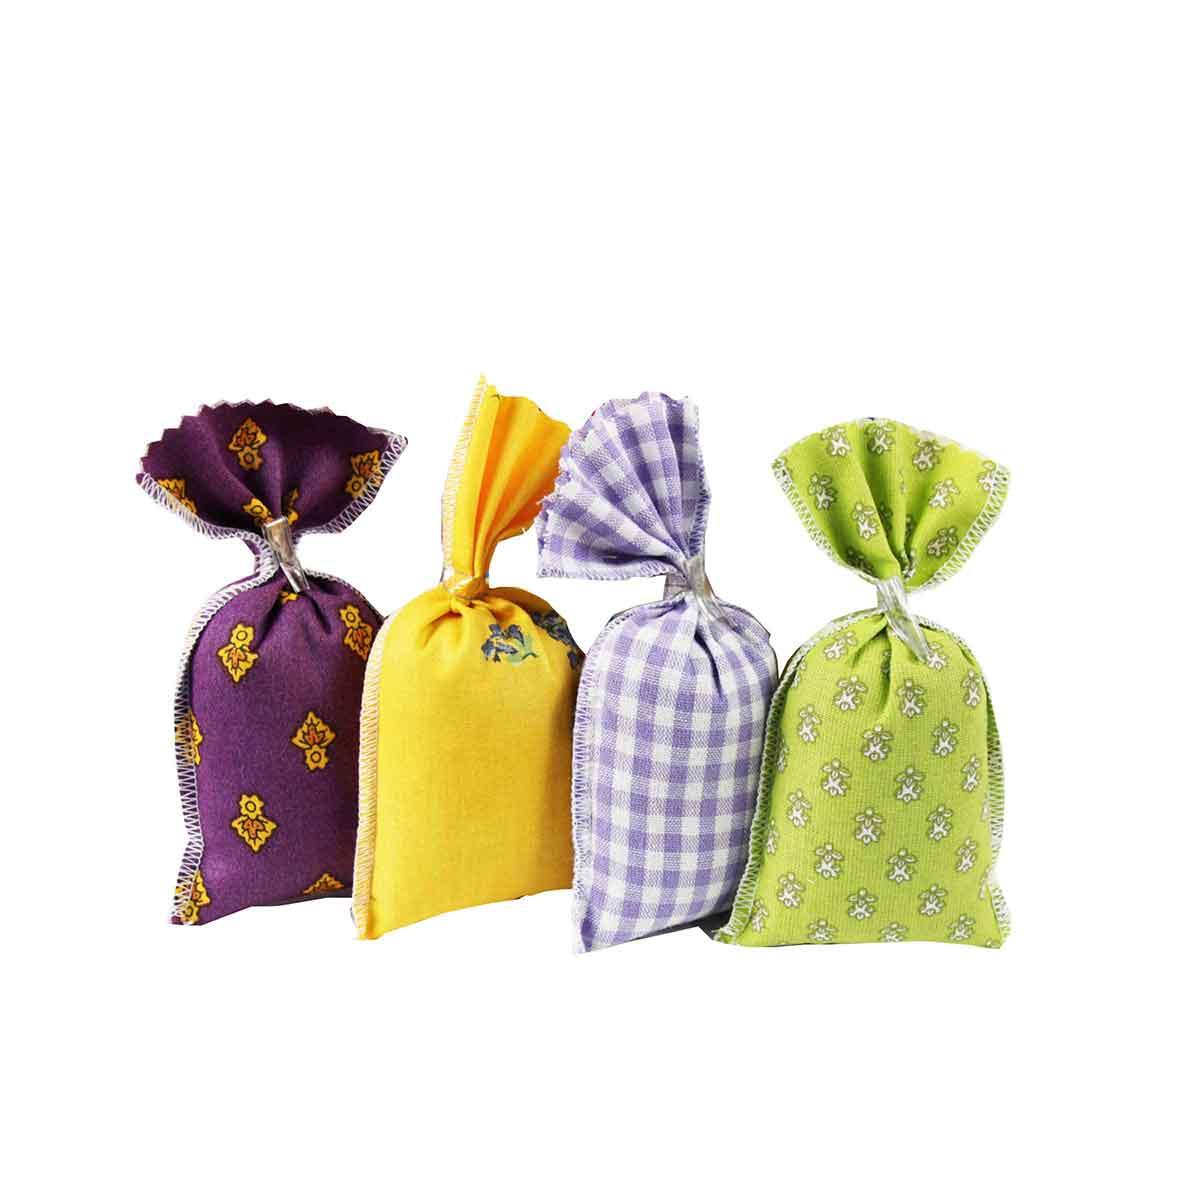 4 Sachets en tissu contenant des fleurs de lavande séchée de Provence